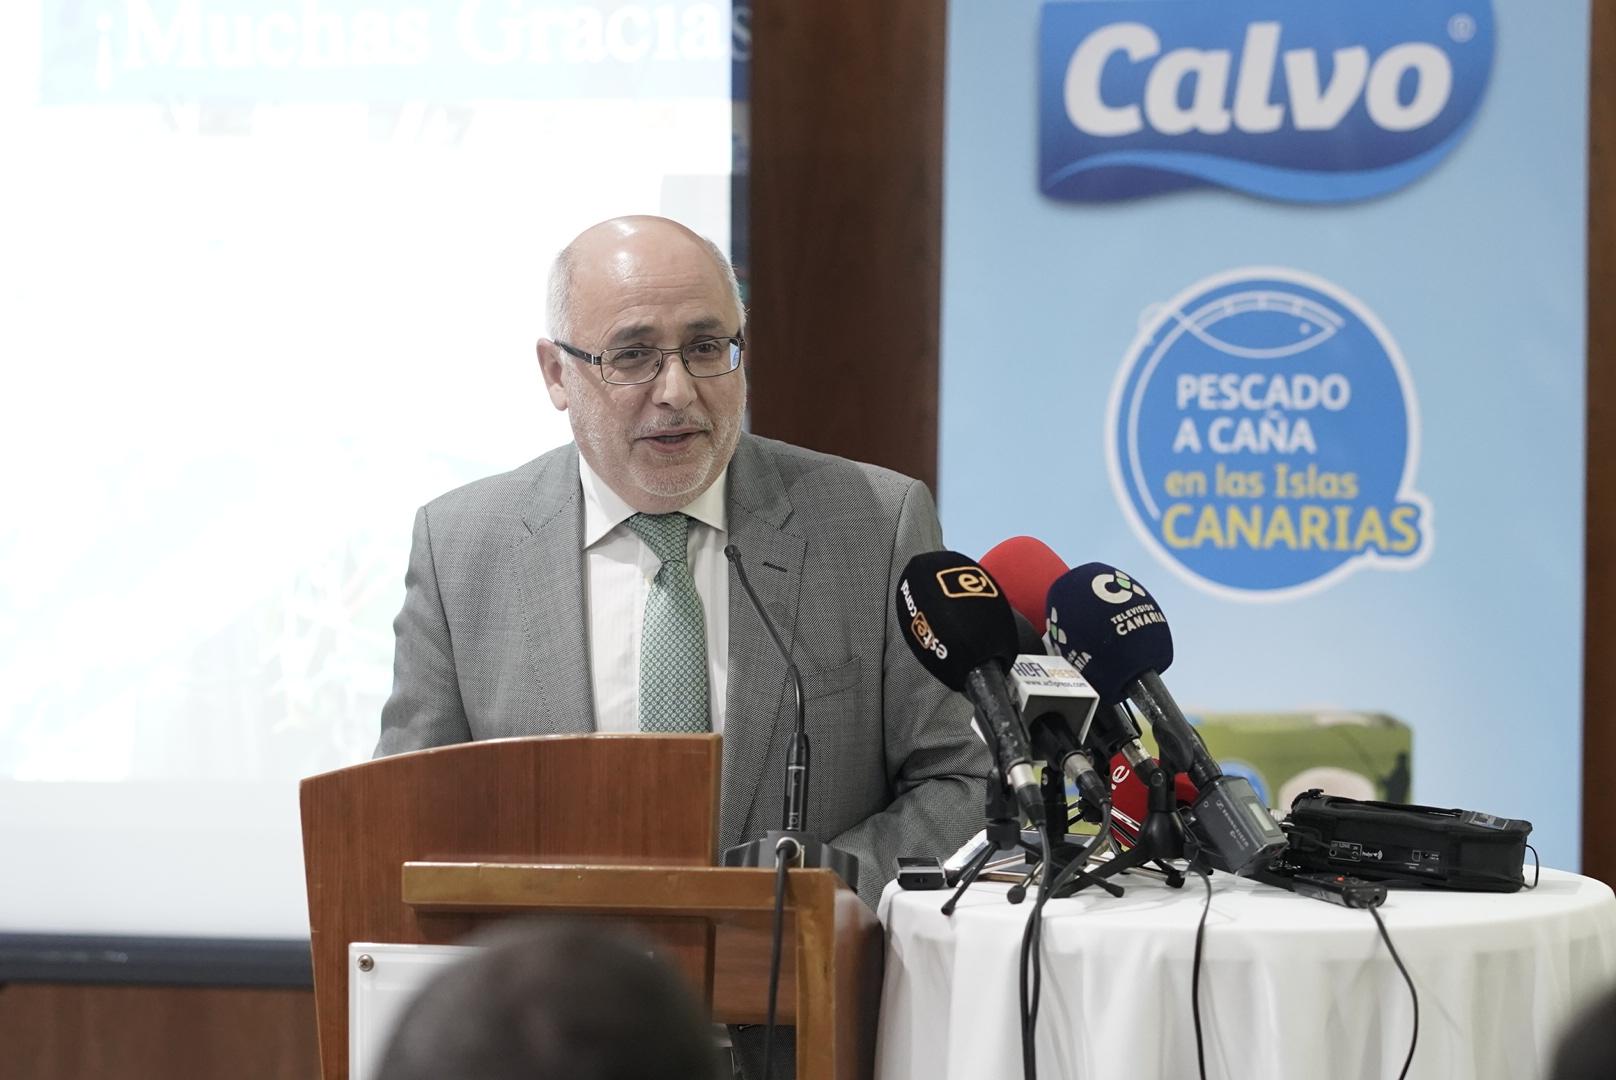 Grupo Calvo y Atunlo colaboran para impulsar en Canarias una pesquería sostenible de atún